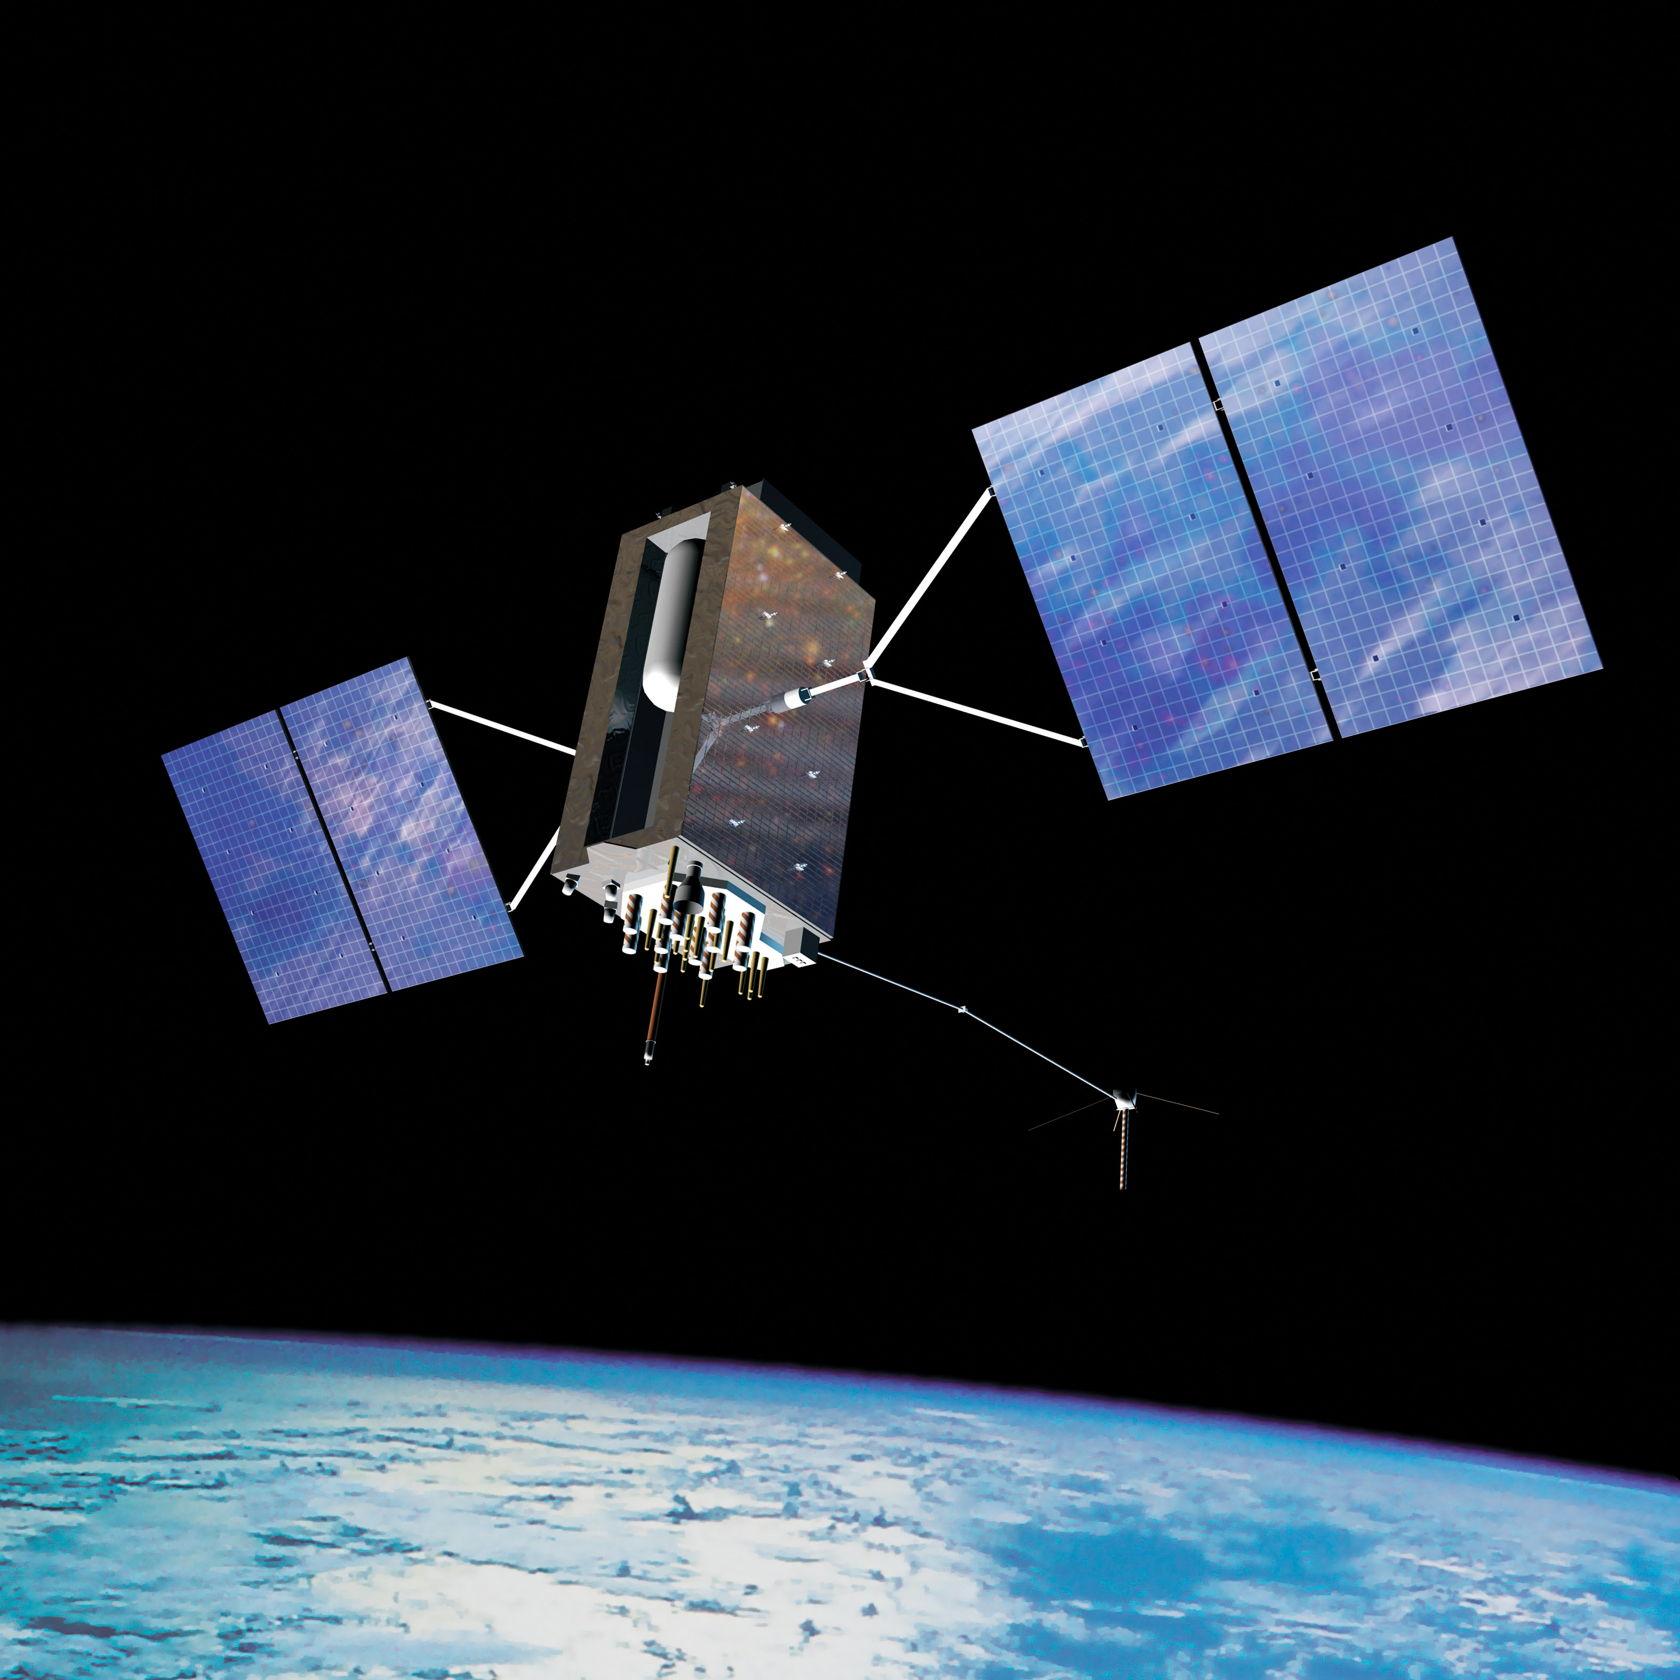 最新世代のGPS衛星となるナブスター・ブロックIII(画像提供:米国政府)